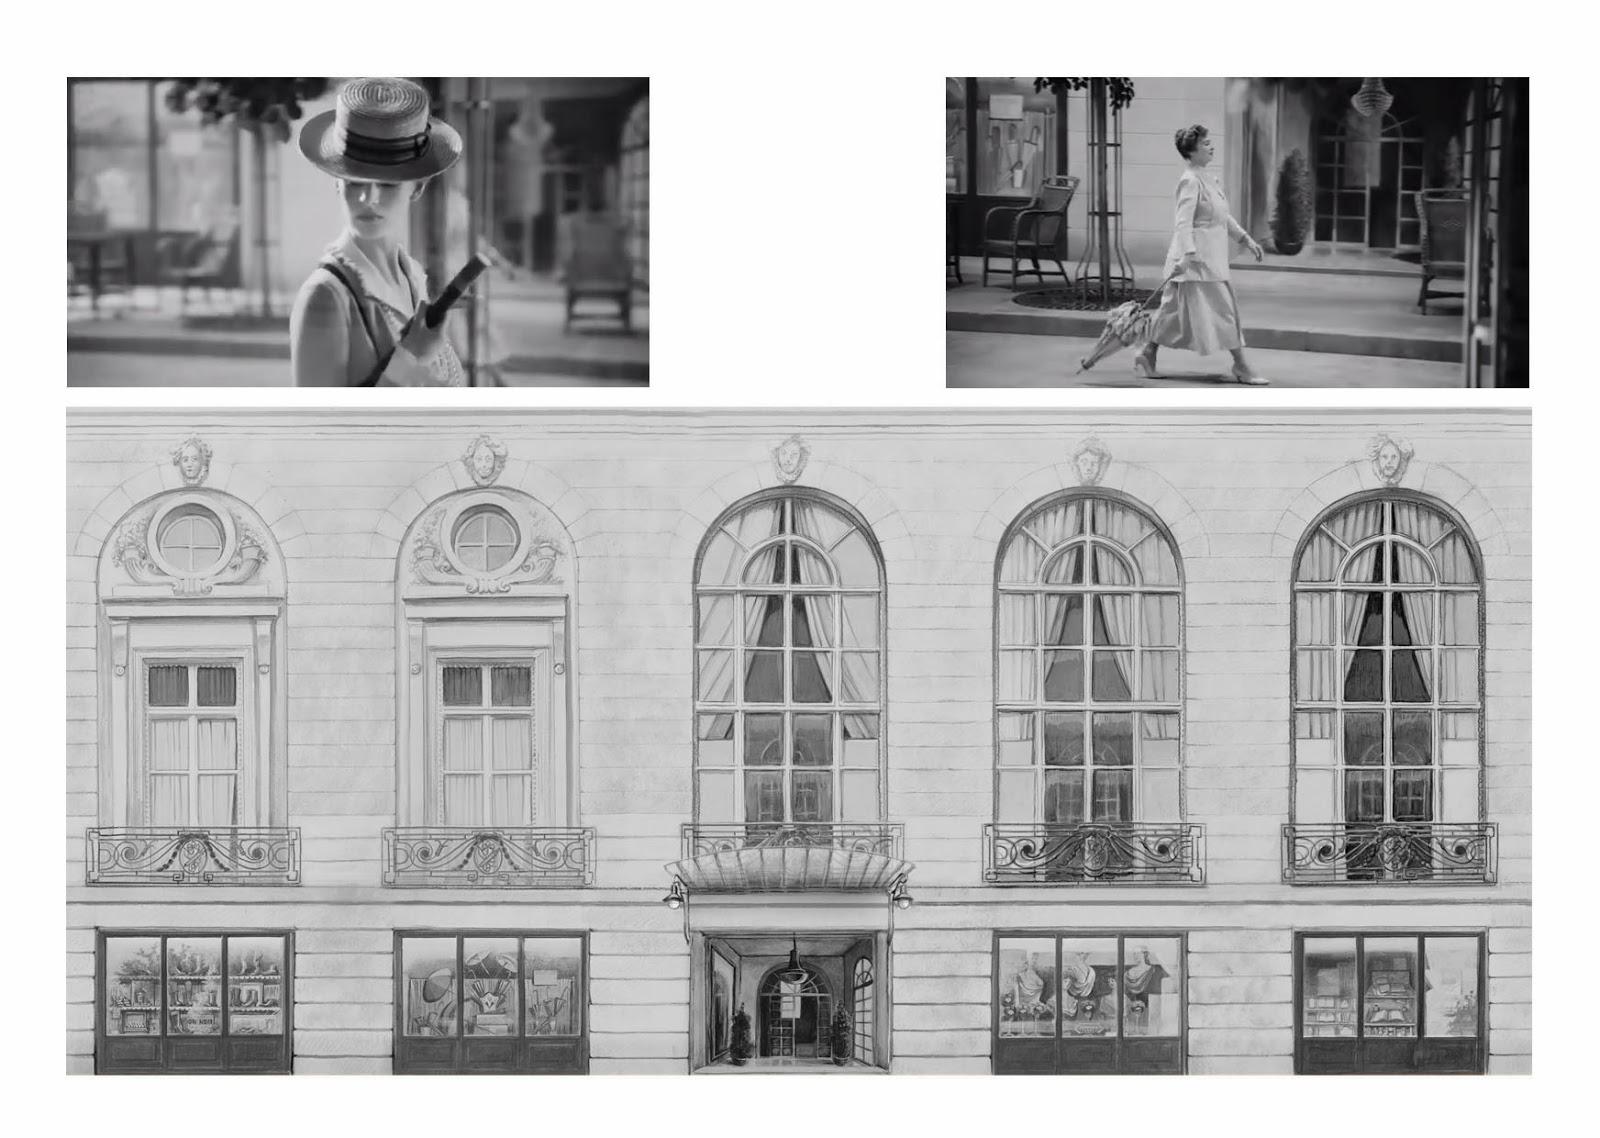 Sylvain bossut maquette de facade du casino de deauville en 1910 pour un d cor de film chanel for Decoration du facade orleans